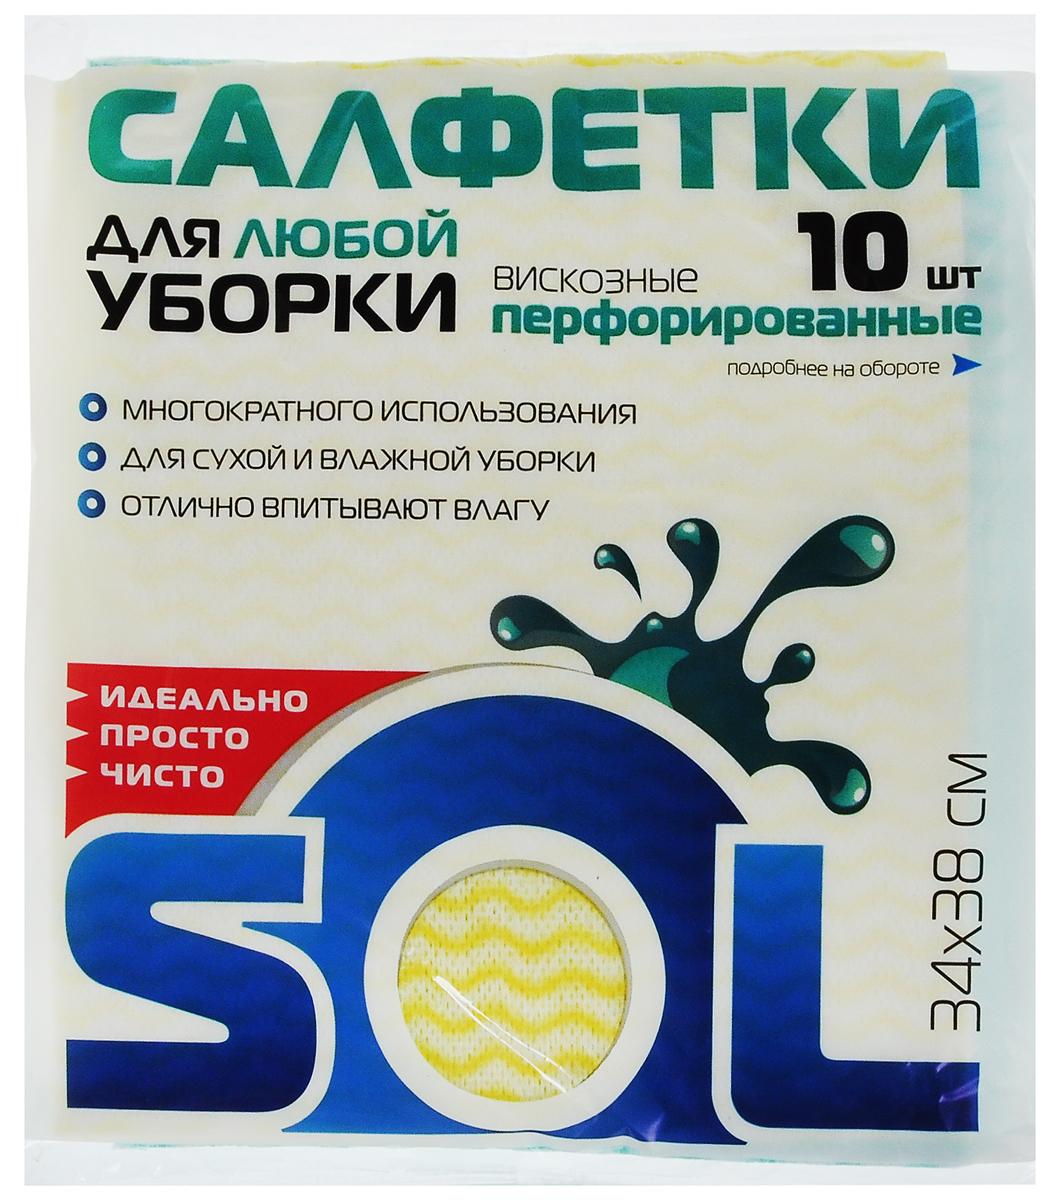 Салфетка для уборки Sol из вискозы, перфорированная, цвет: желтый, зеленый, 34 x 38 см, 10 шт10043Перфорированные салфетки для уборки Sol, выполненные из вискозы и полиэстера,предназначены для уборки и могут применяться с различными моющимисредствами. Эффективно впитывают жидкость. Мягкие и прочные, легкоотжимаются и быстро сохнут.Рекомендации по уходу: Для обеспечения гигиеничности уборки после применения прополоскать в теплойводе.Для продления срока службы не применять машинную стирку, не гладить и некипятить.Комплектация: 10 салфеток.Размер салфетки: 34 х 38 см.